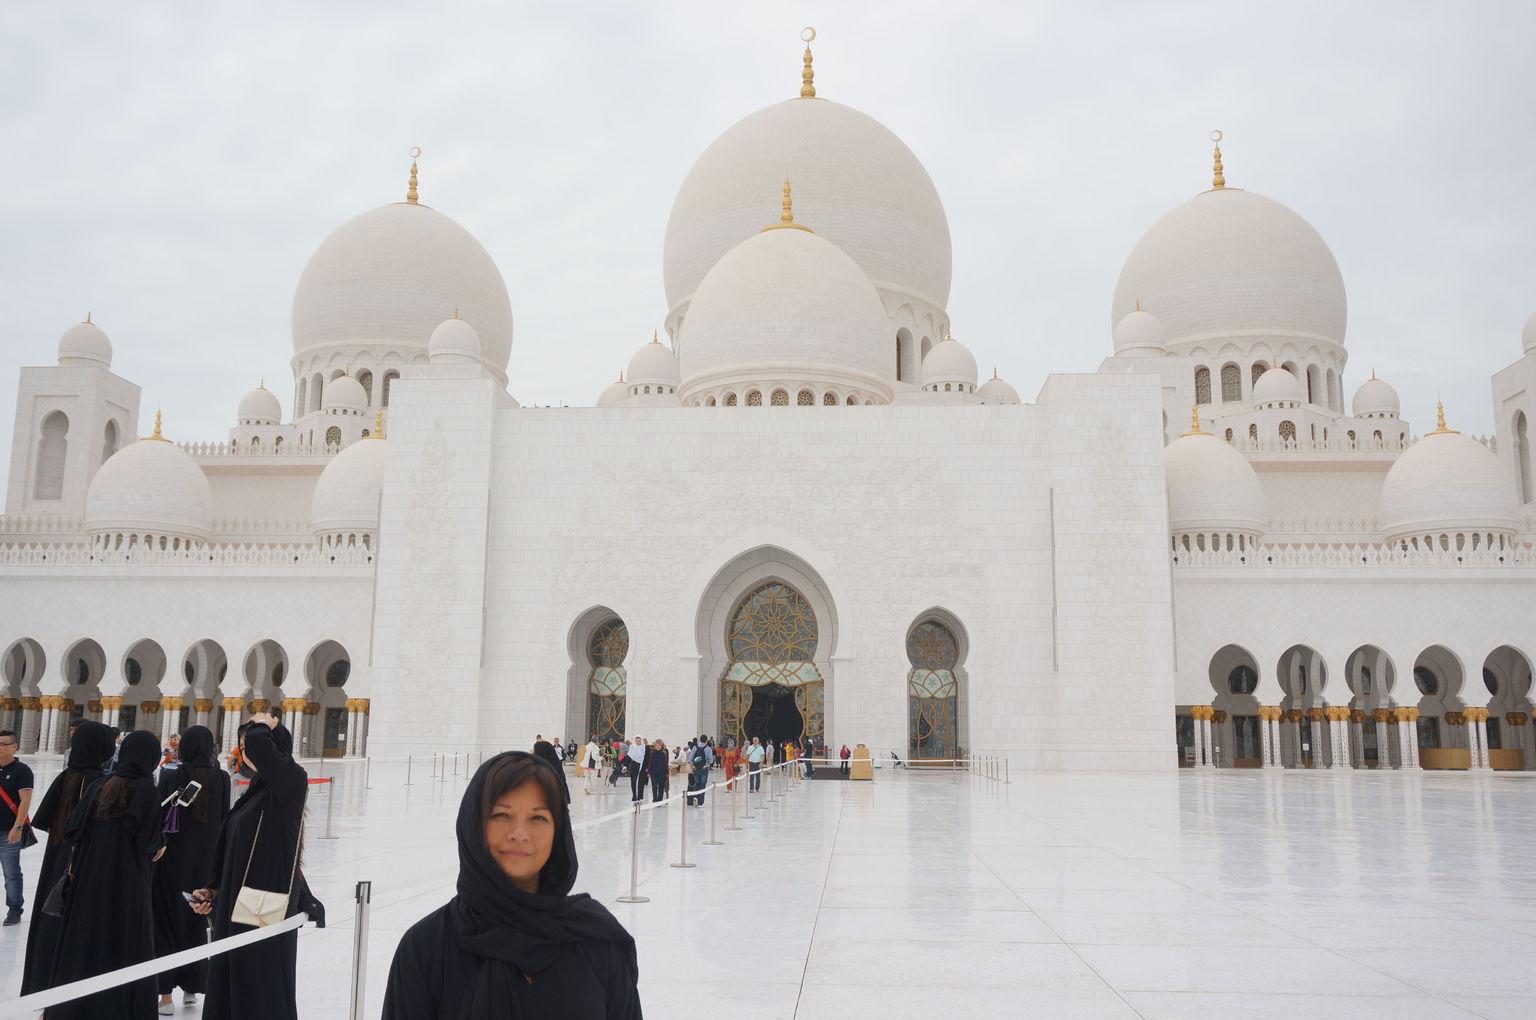 MÁS FOTOS, Visita turística a Abu Dhabi: Mezquita Sheikh Zayed, Heritage Village y el zoco